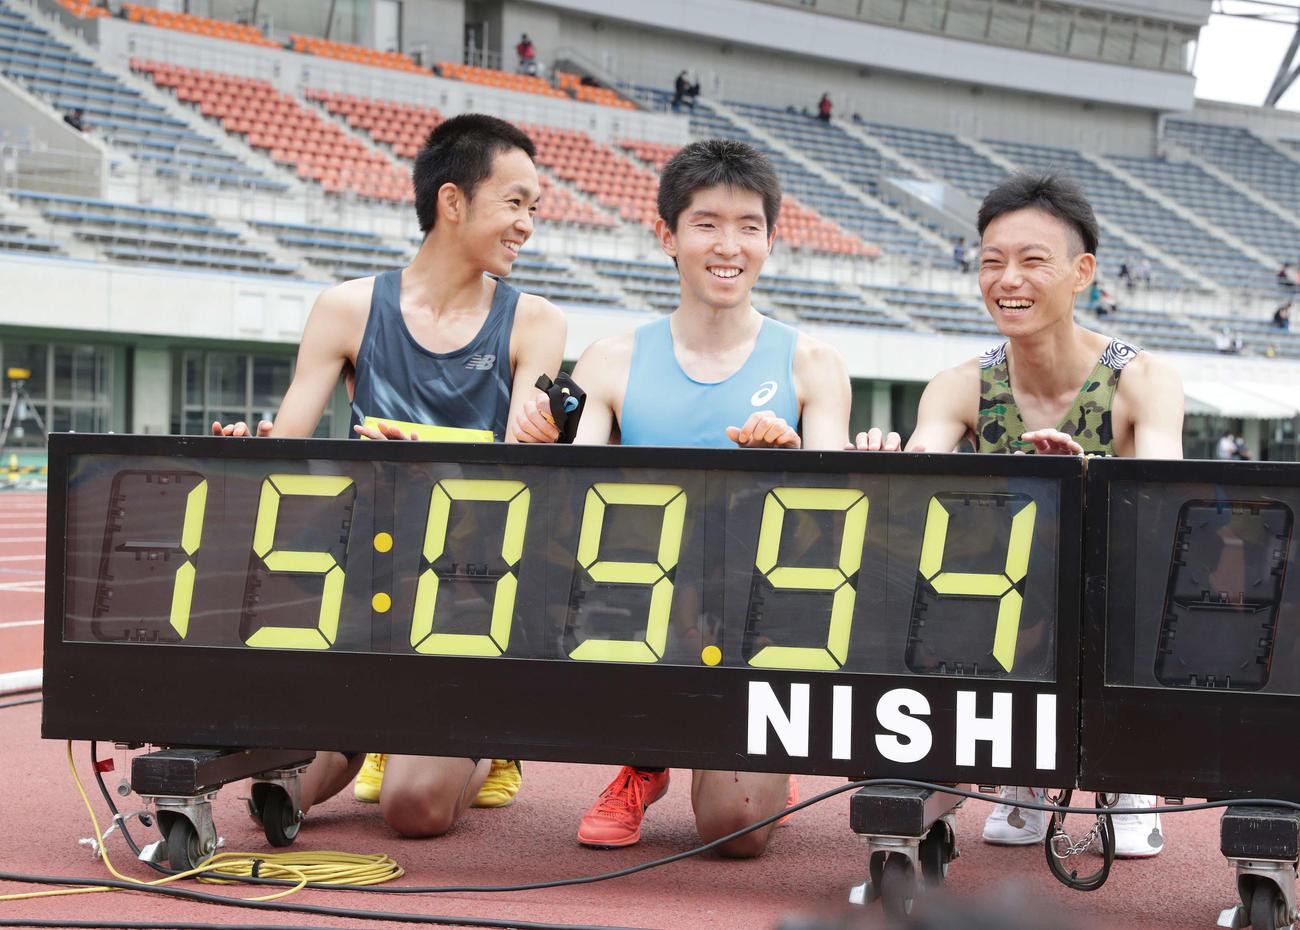 男子視覚障がい5000メートルで世界記録を達成し記念撮影で笑顔を見せる唐沢(中央)。左は伴走の清水、右は伴走の小林(撮影・河野匠)